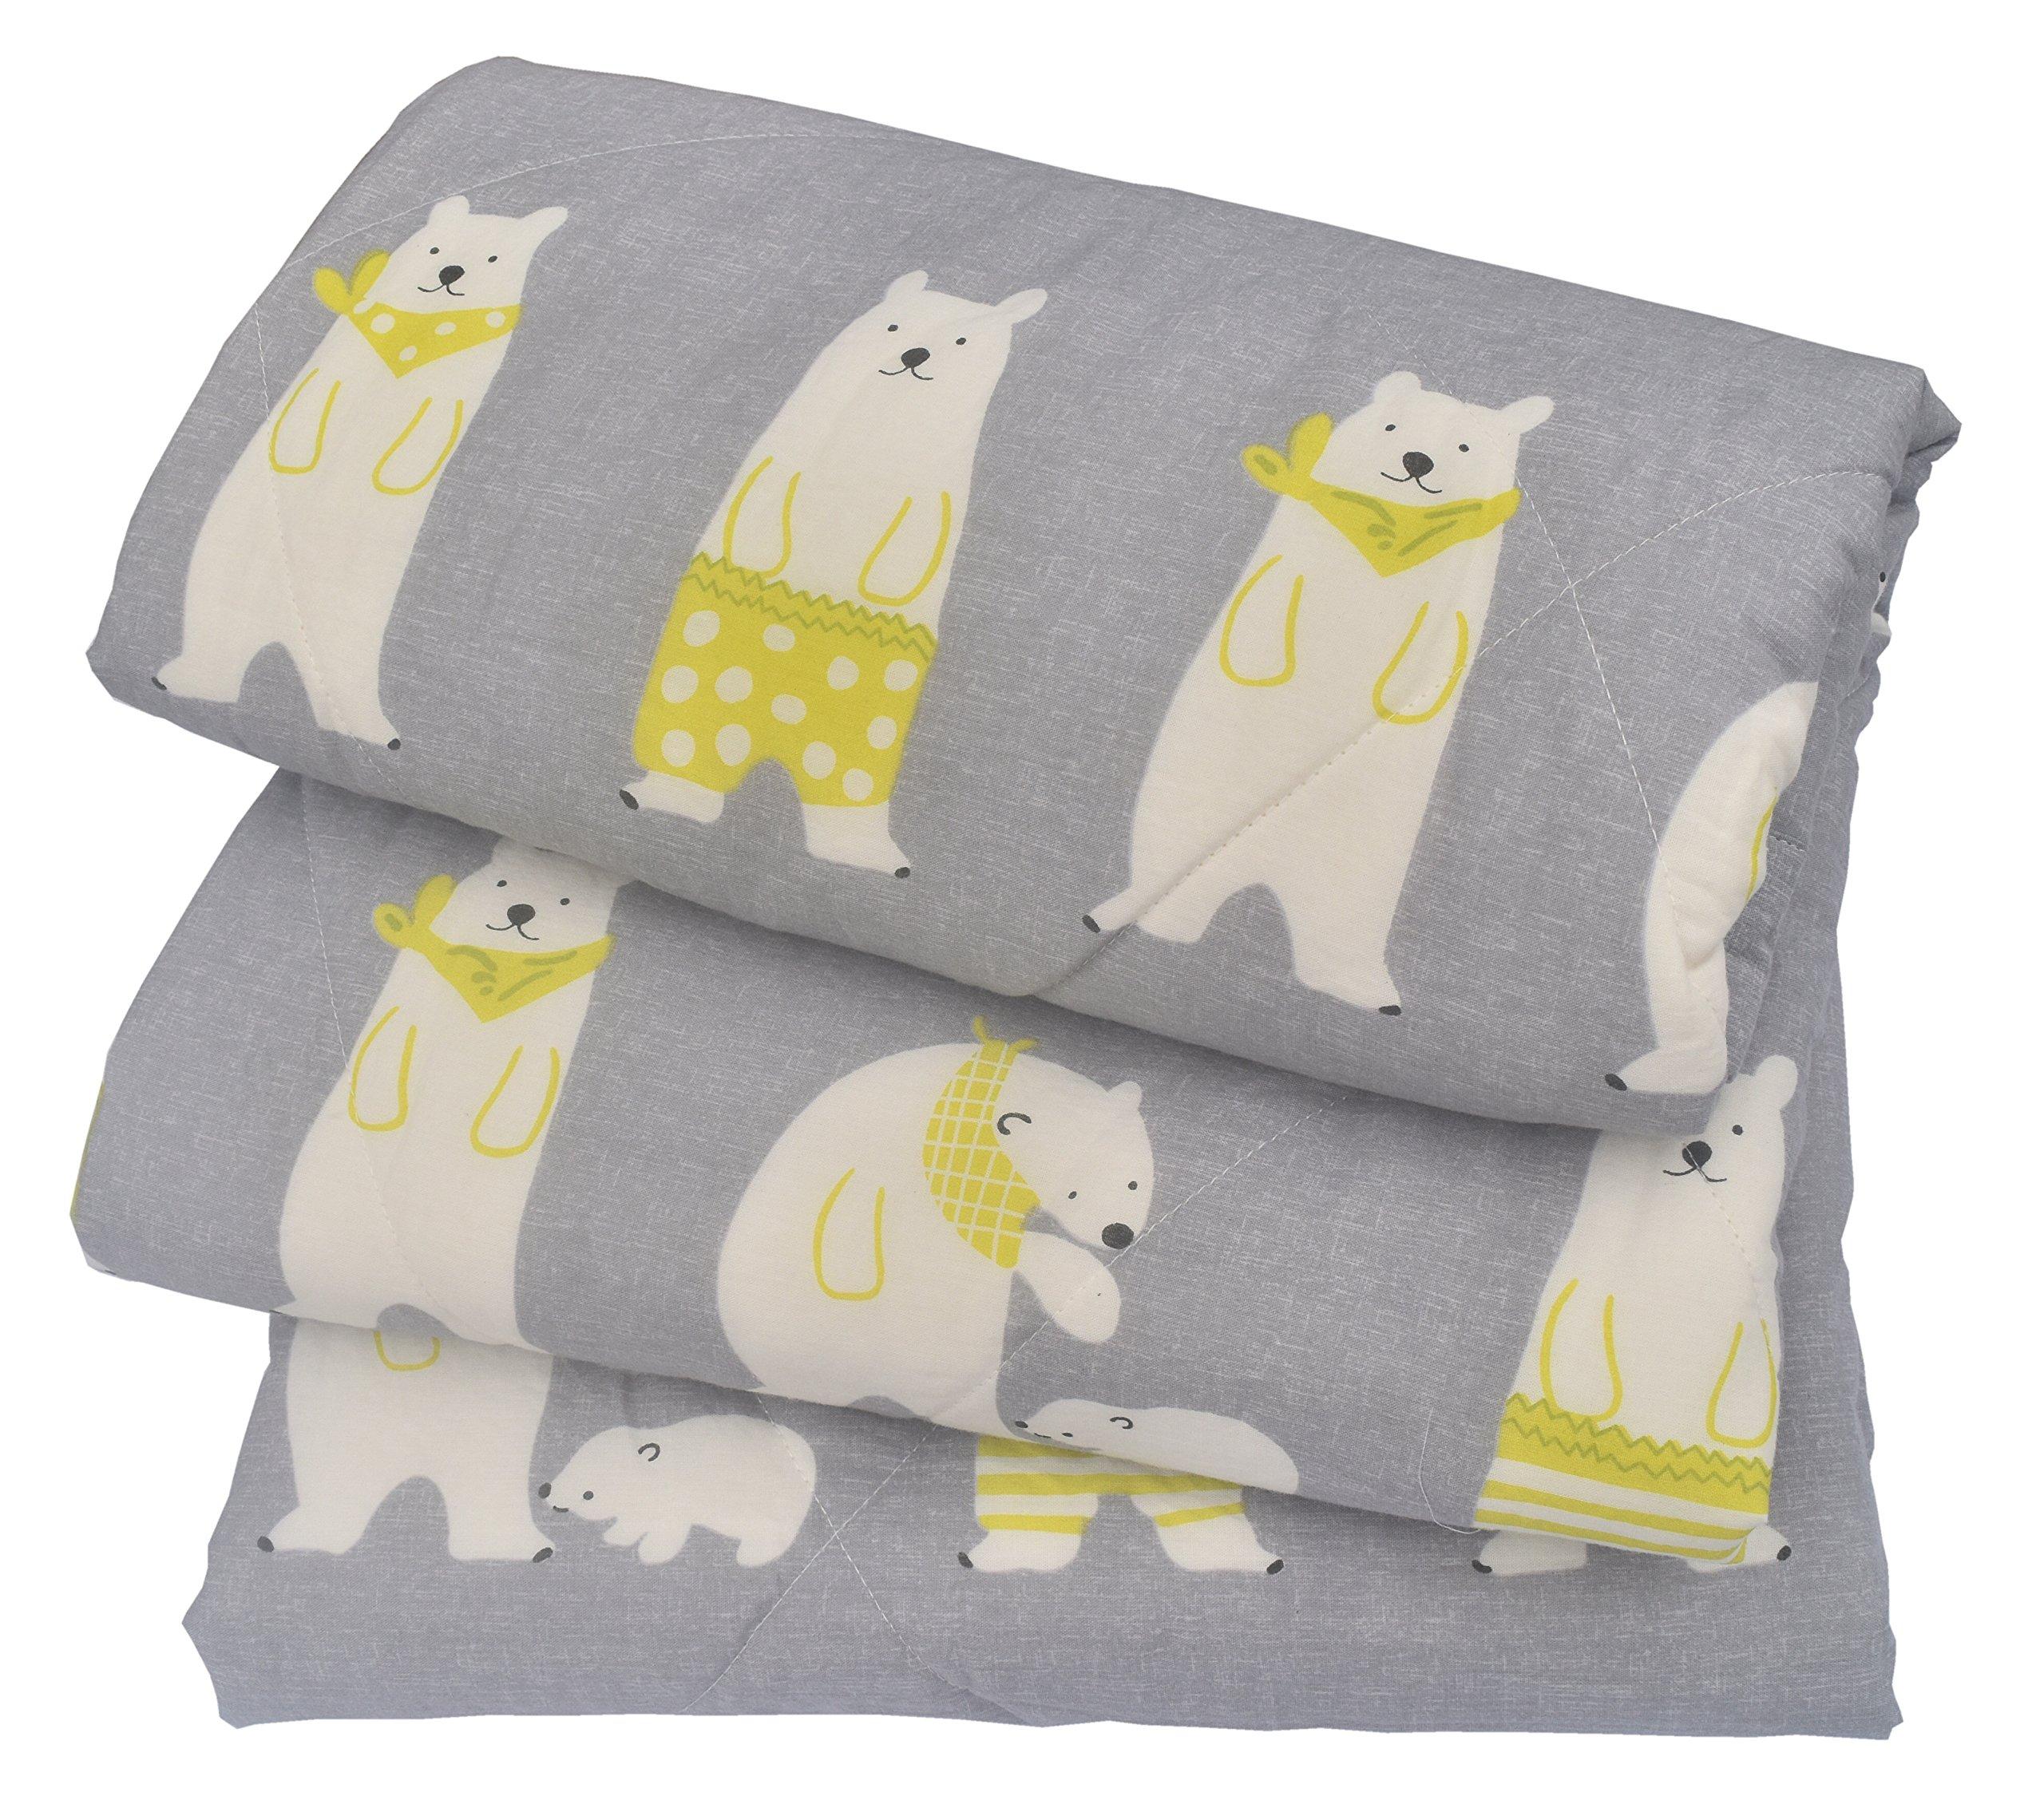 J-pinno Boys & Girls Cute Bear Cotton Muslin Quilt Comforter Bedding Coverlet Full, 100% Long Staple Cotton Filling, Lightweight Throw Blanket Kid's Bedroom (Full 78'' X 90'', beargray)